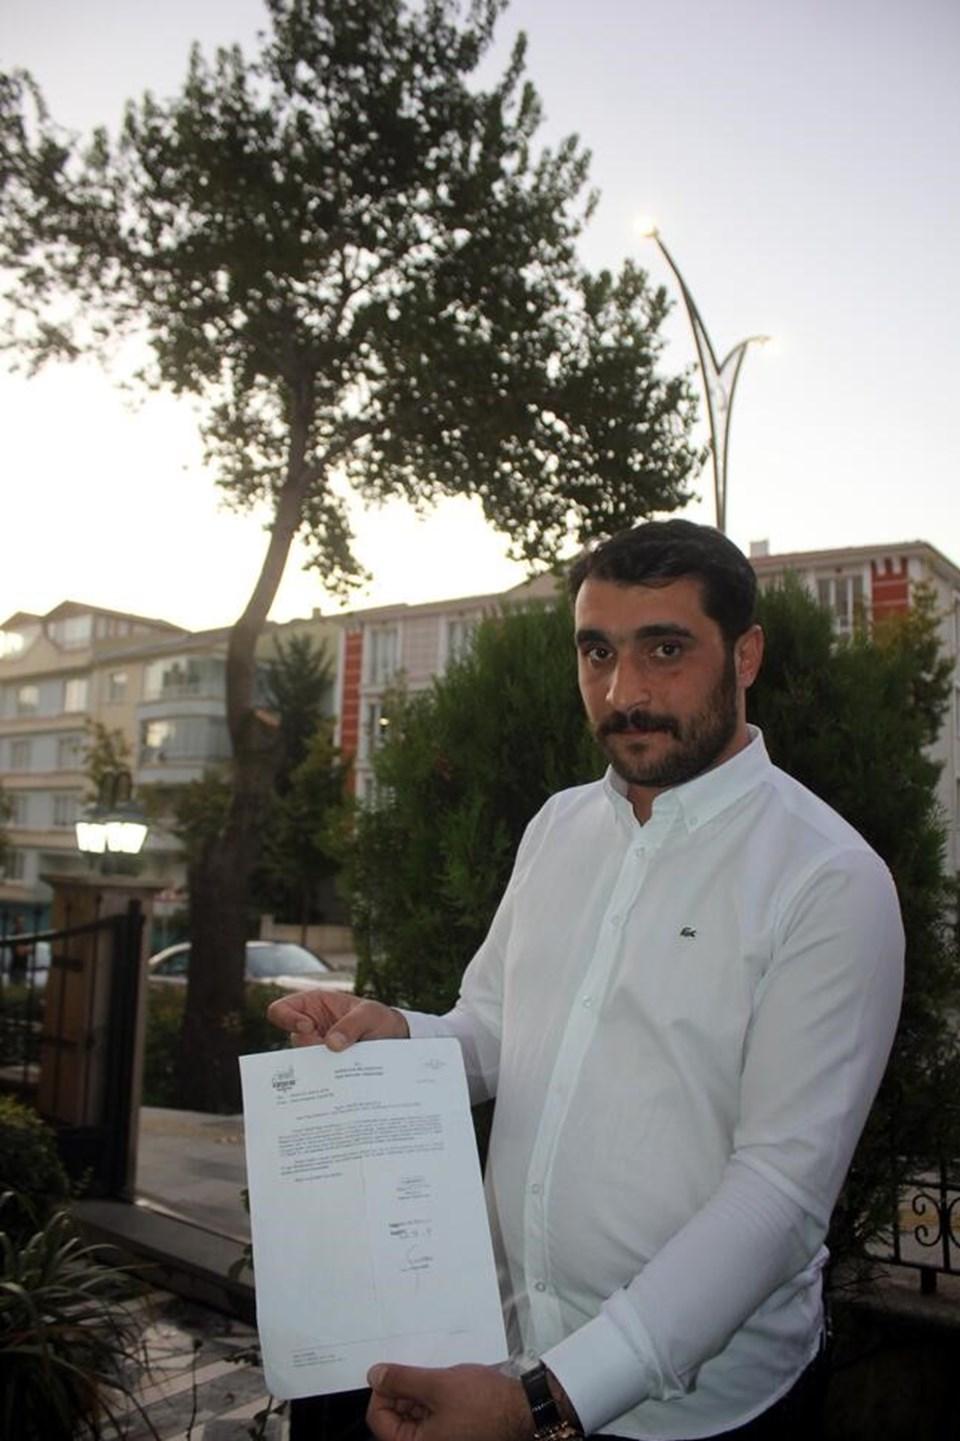 Halil Karakeçeli